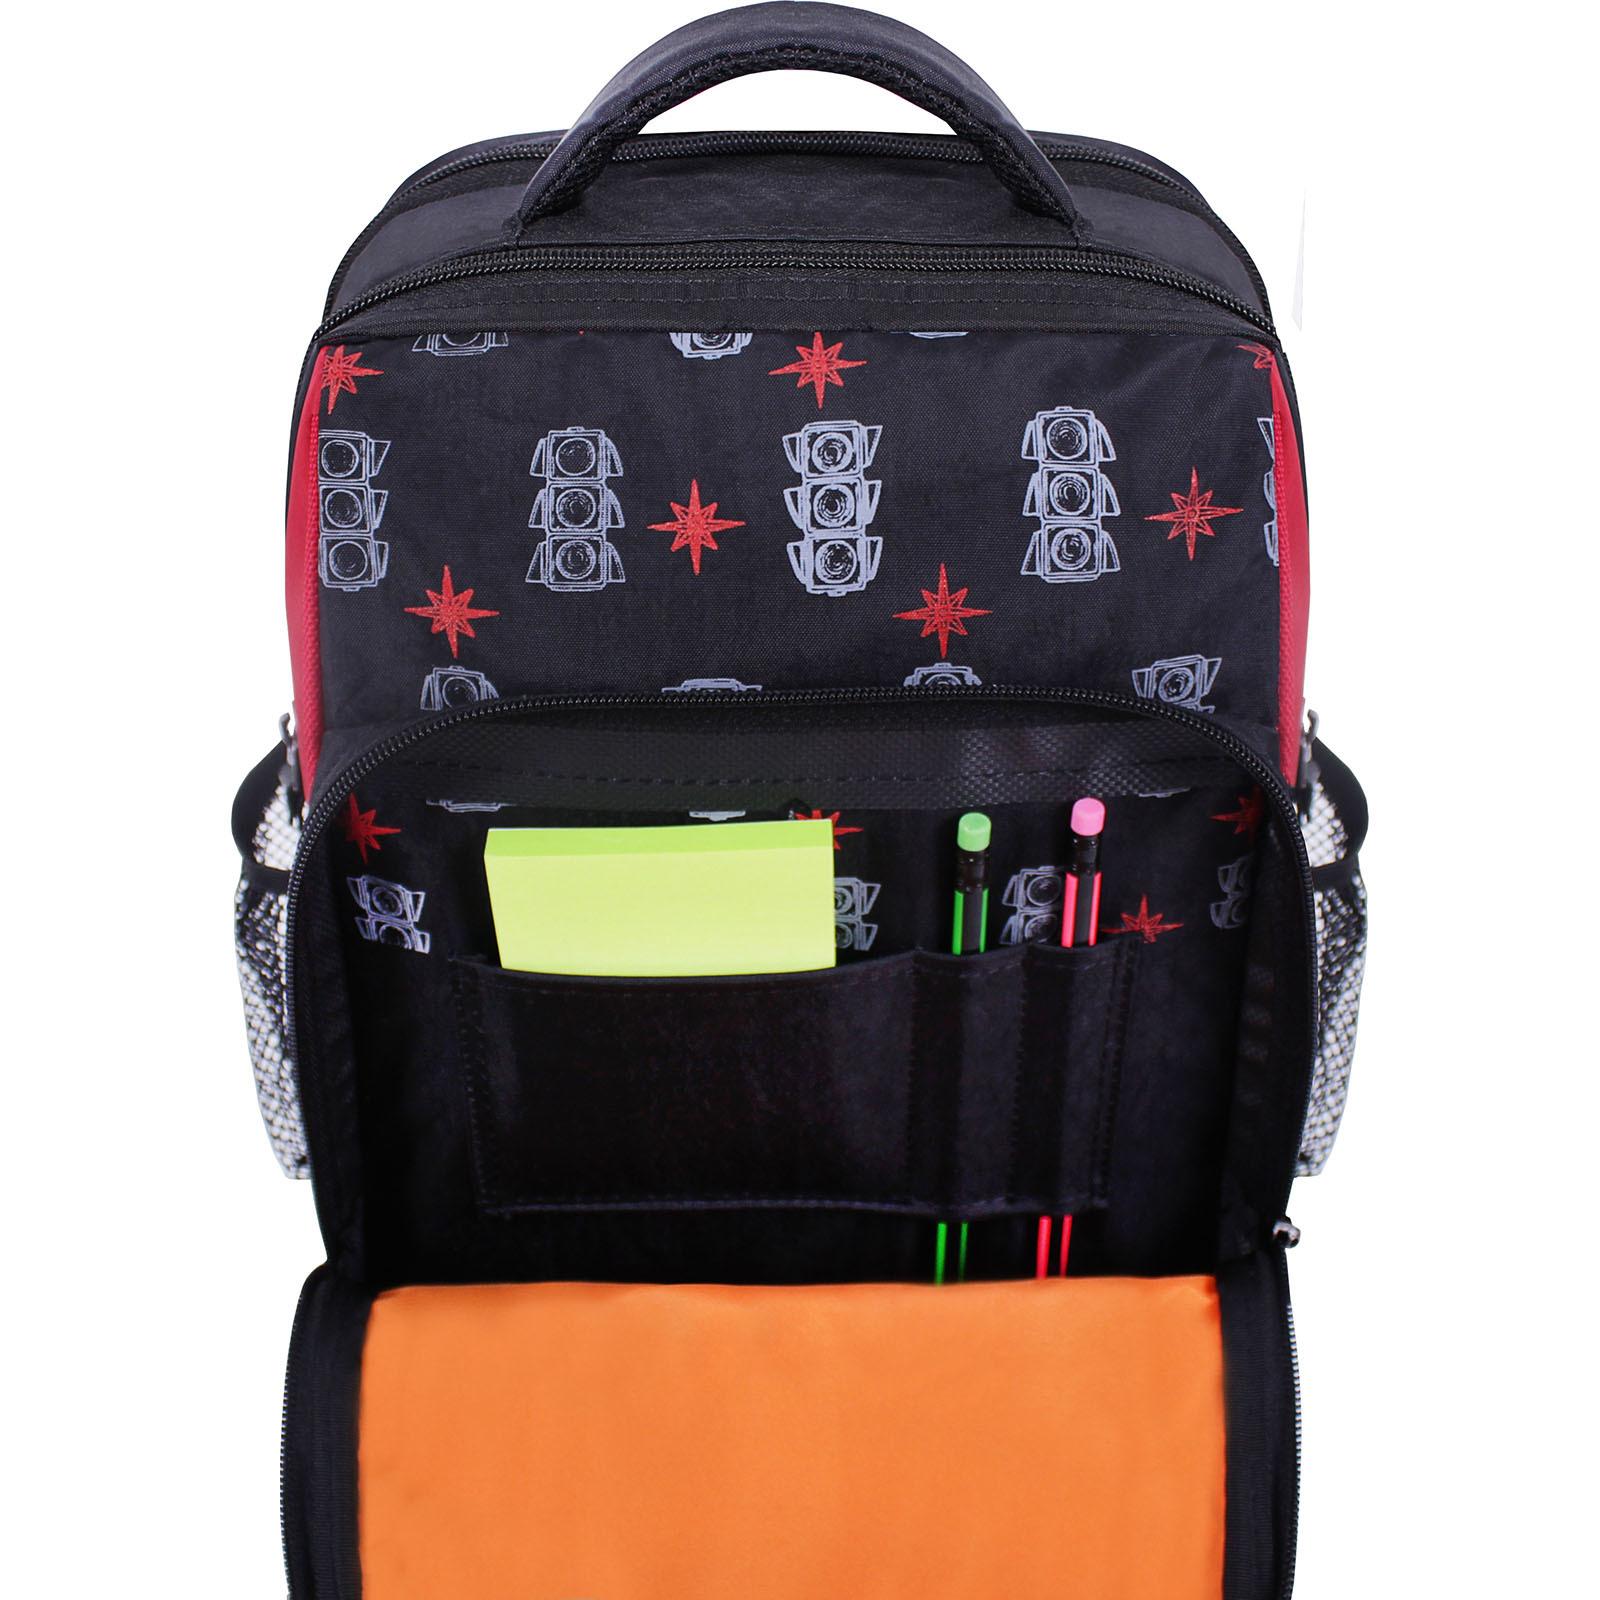 Рюкзак школьный Bagland Школьник 8 л. черный 500 (0012870) фото 4